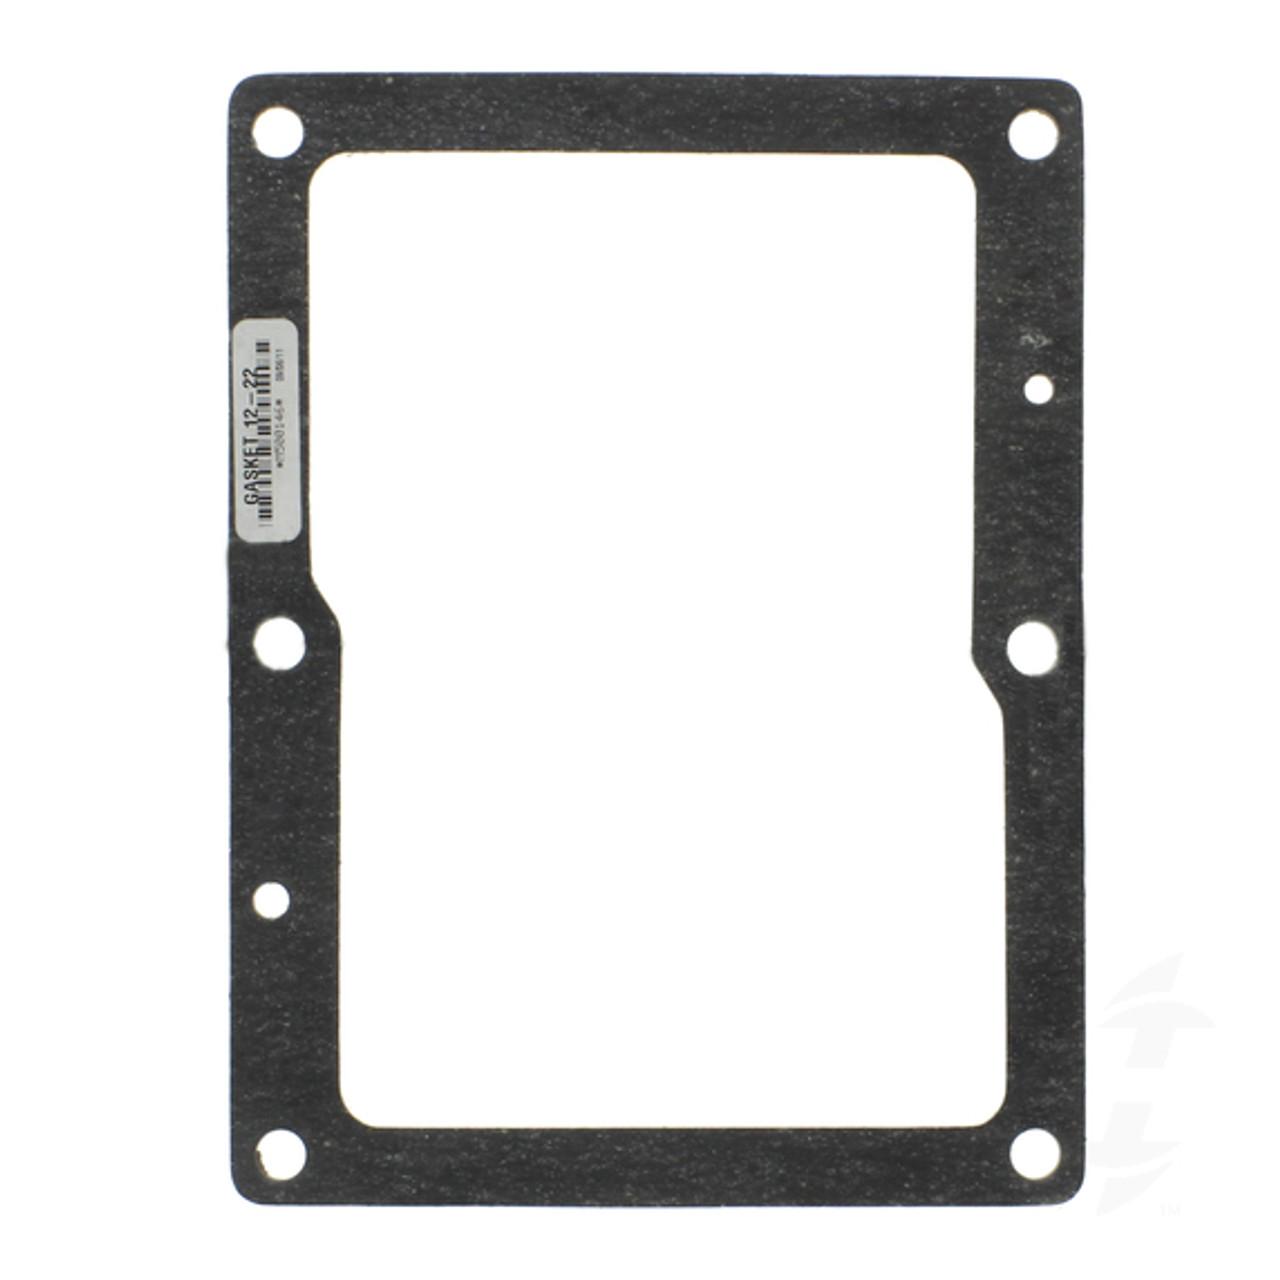 ProCut KG-12FS - Gear Box Gasket - 05-00146